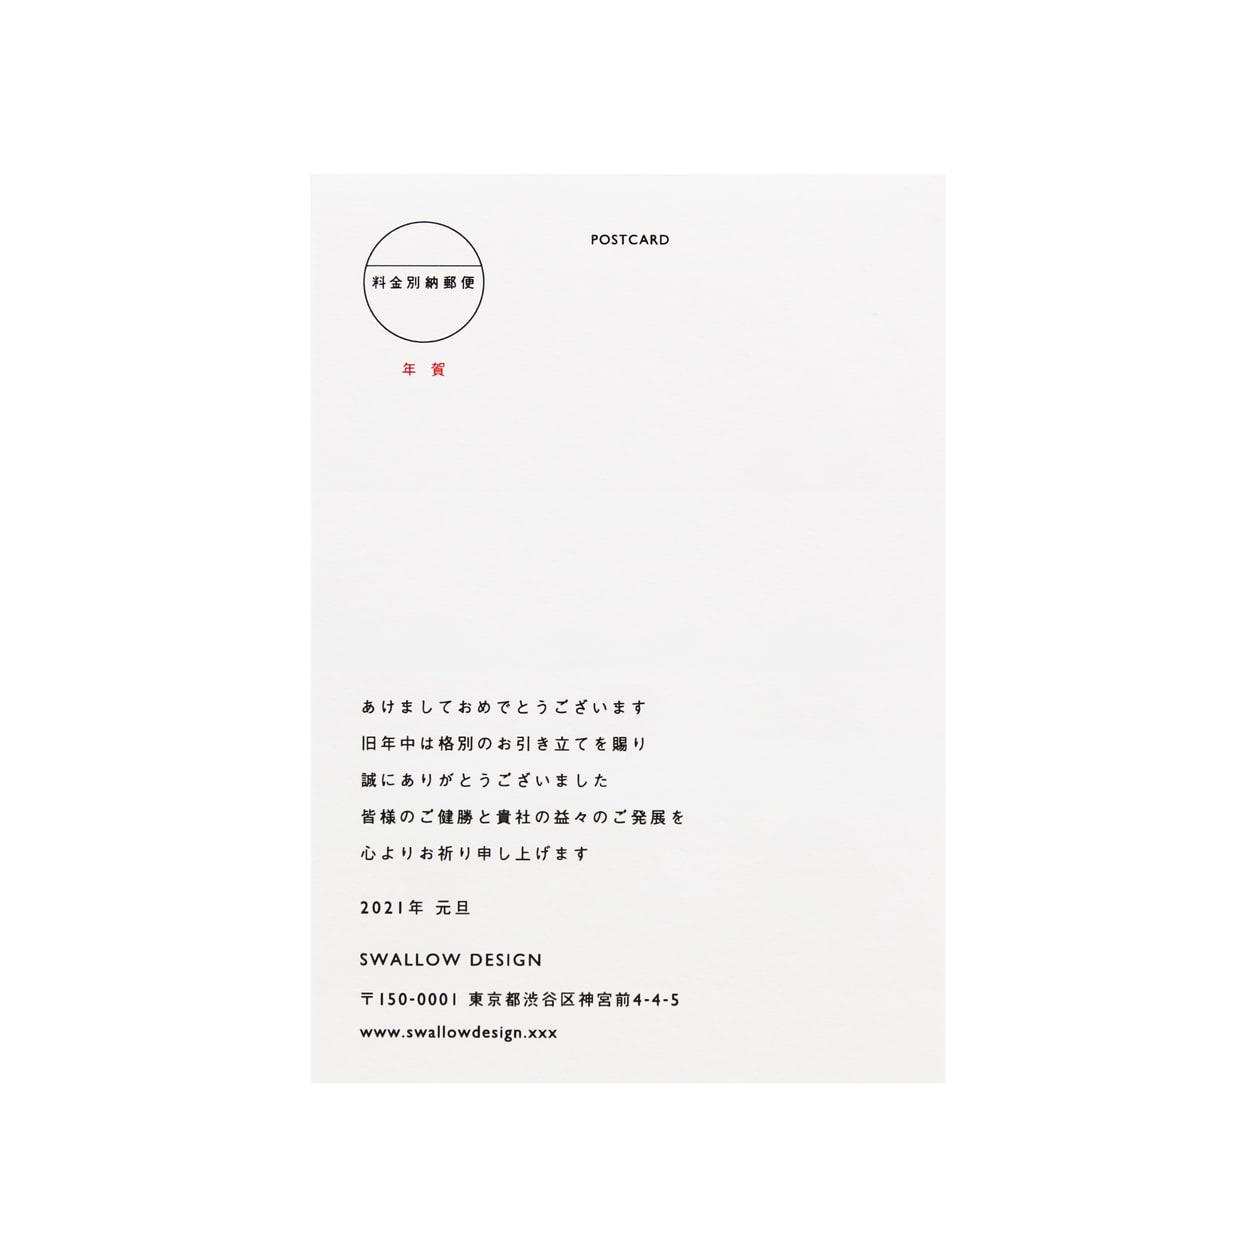 サンプル カード・シート 00470